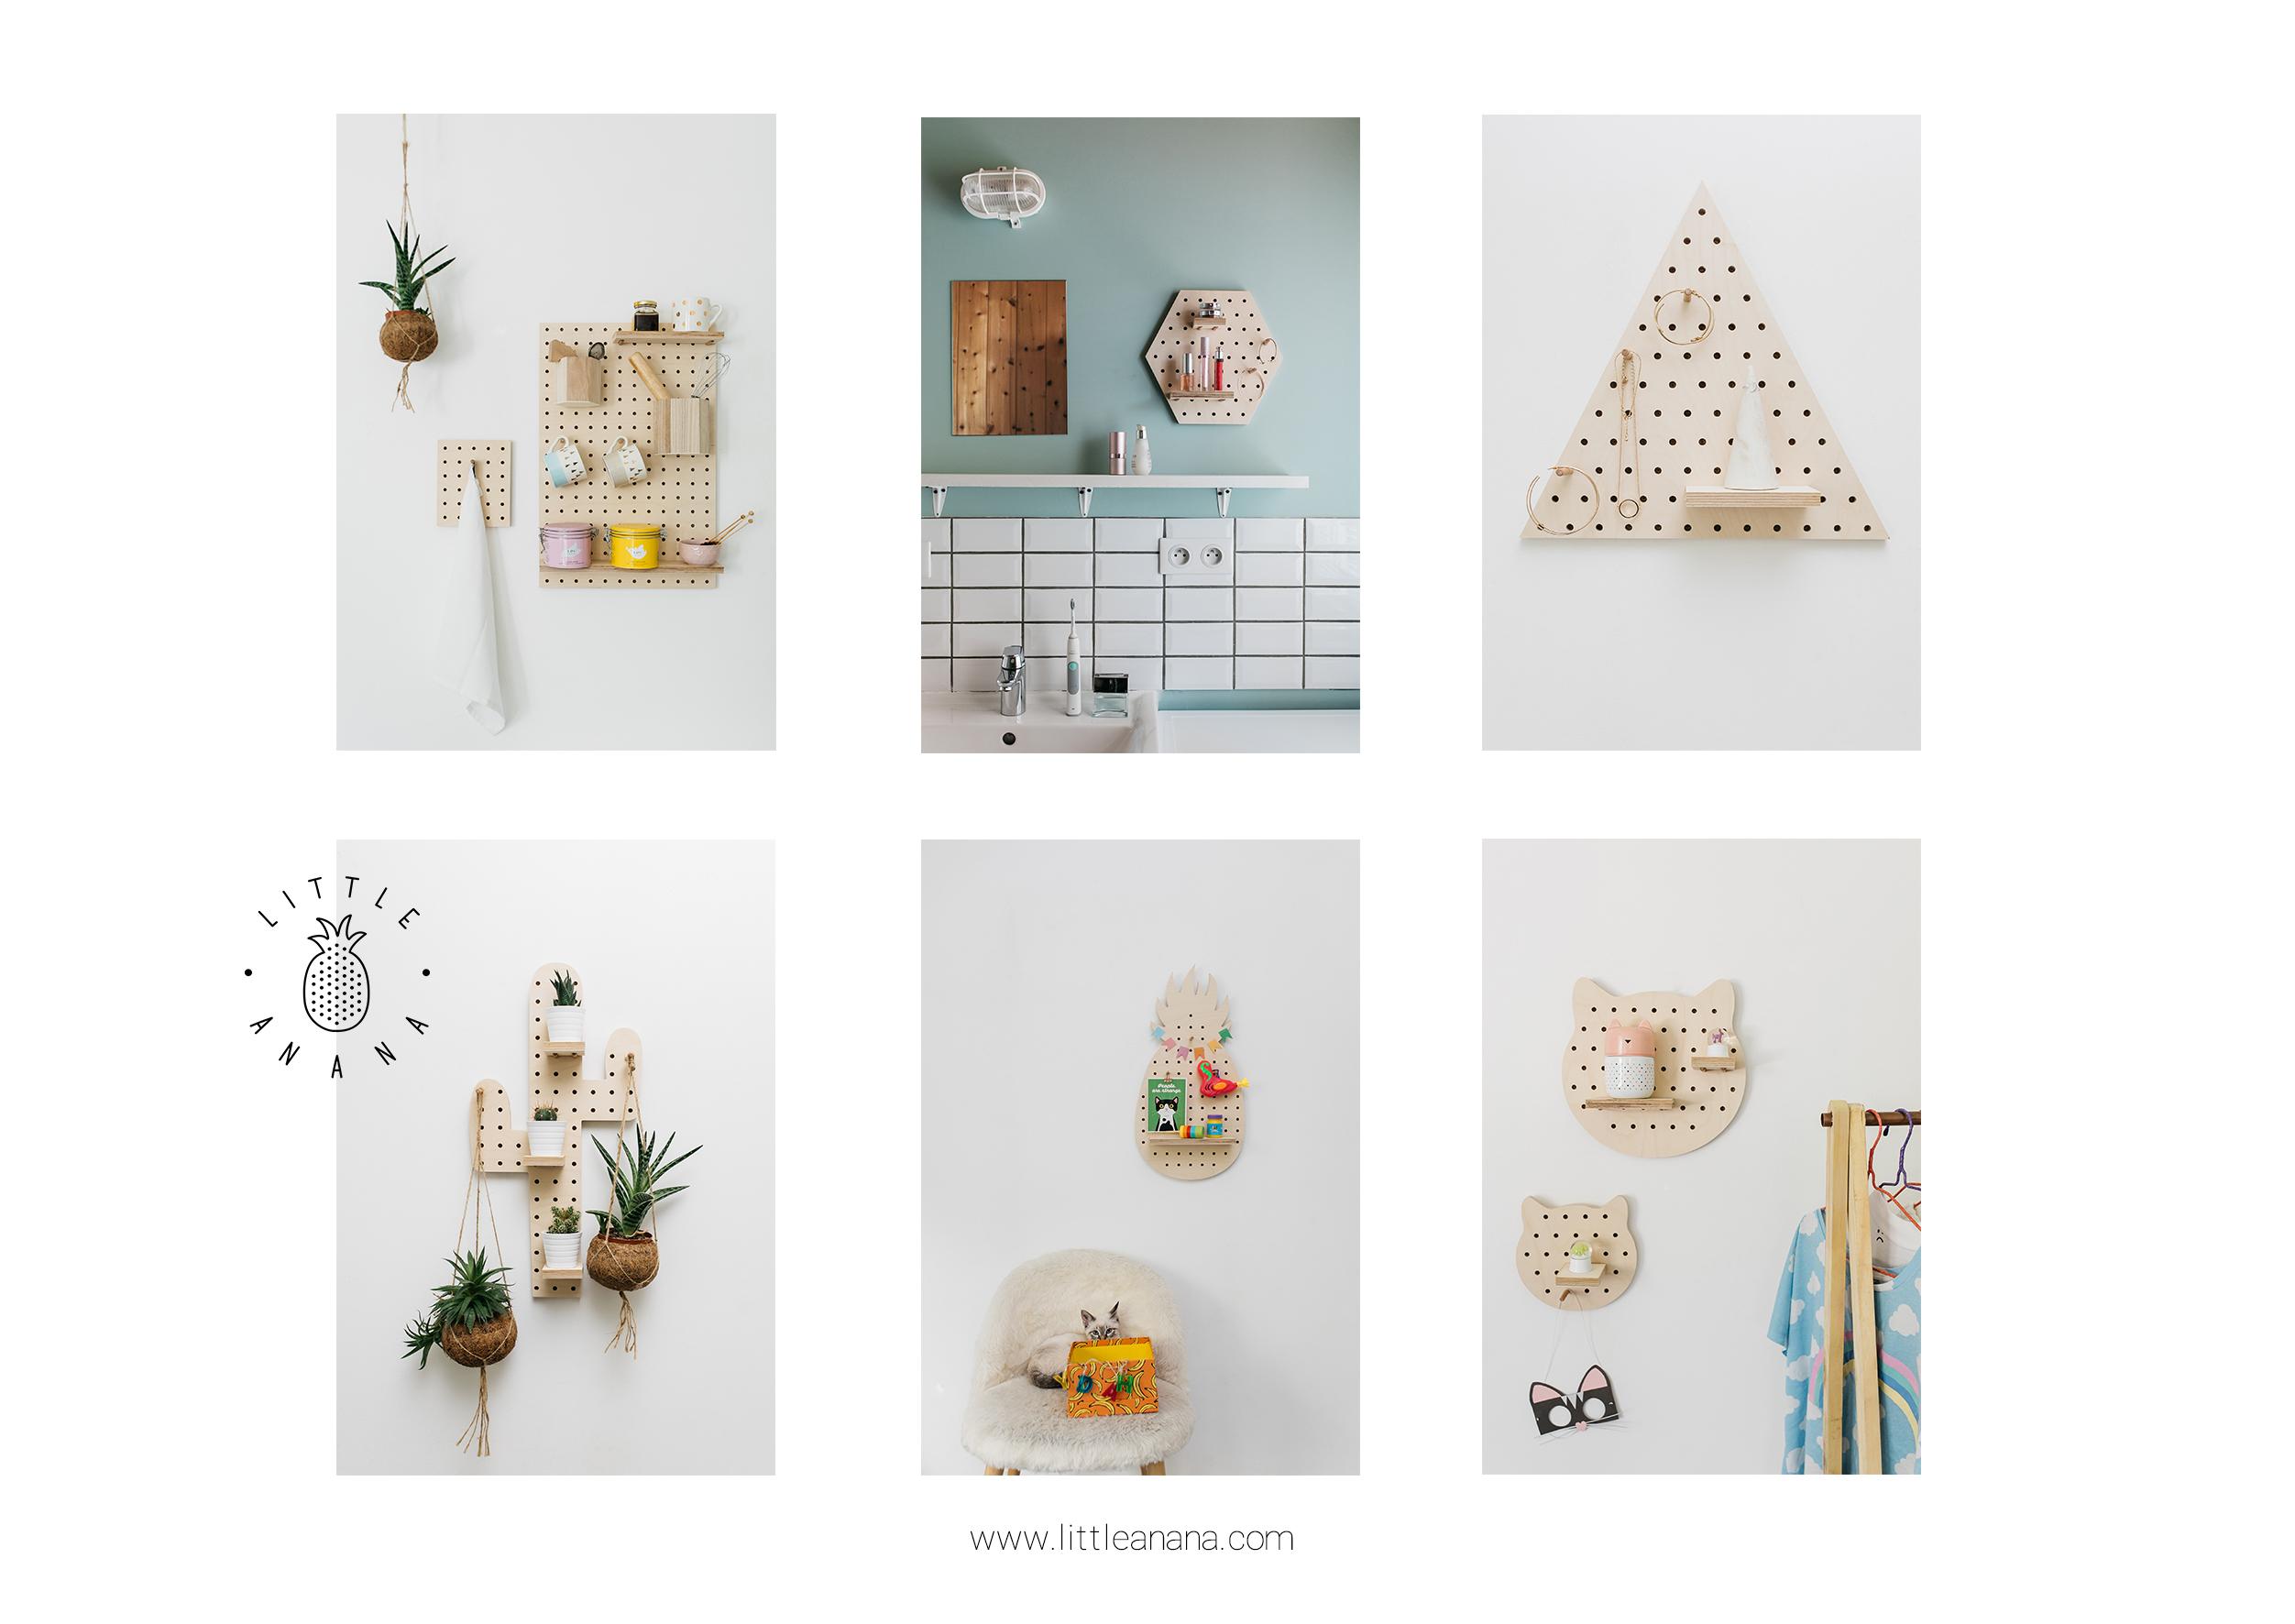 pegboard-en-bois-de-bouleau-little-anana